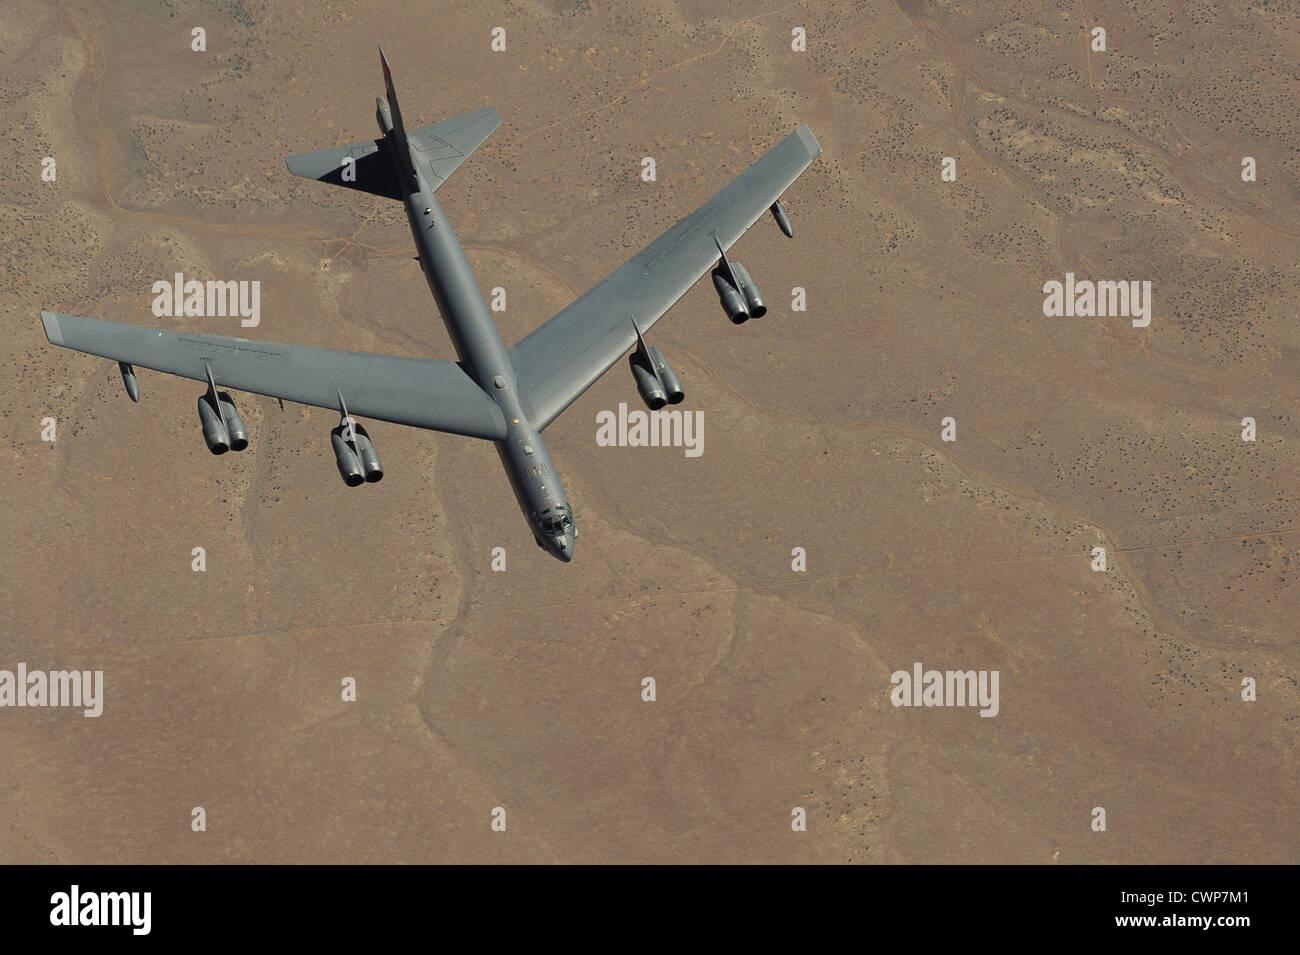 A B-52 Stratofortress s'approche d'un Boeing KC-135 Stratotanker pour faire le plein le 26 mars 2012 près de Salt Lake City, Utah. Banque D'Images